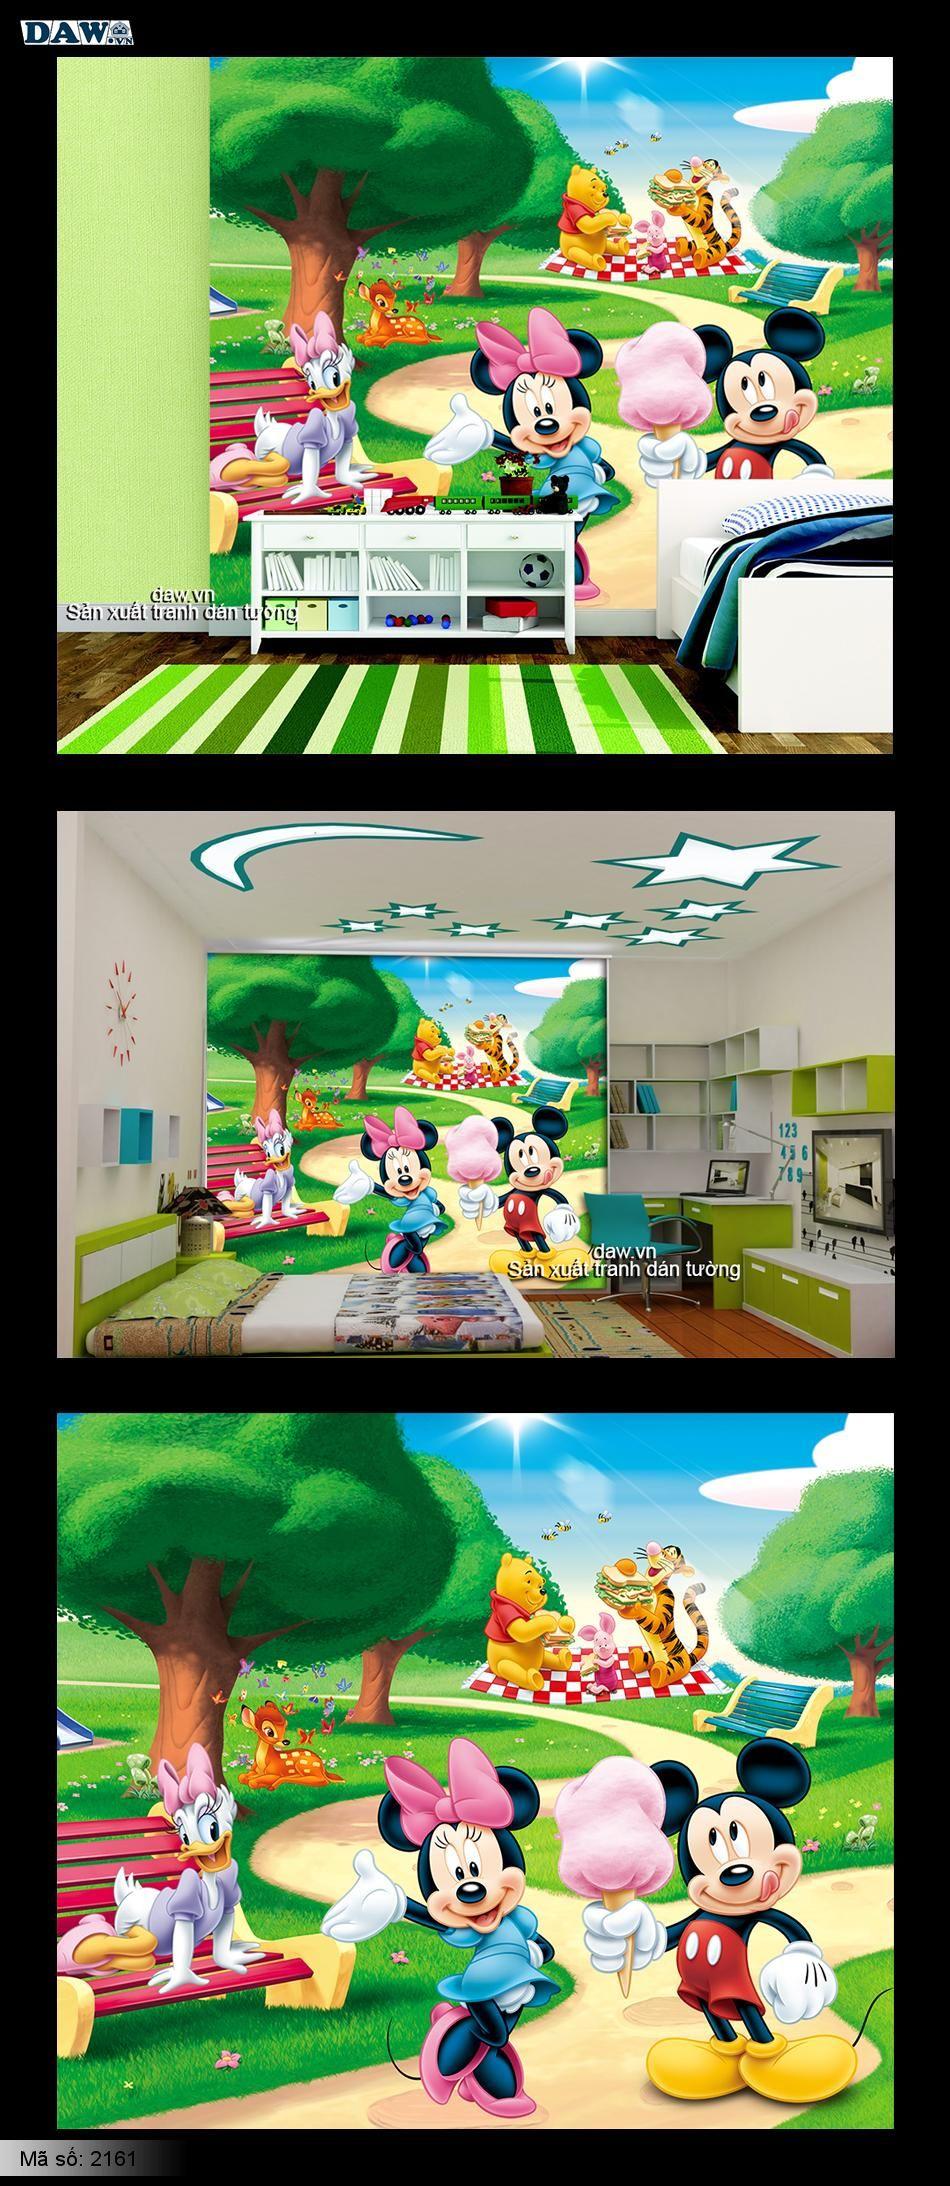 Tranh dán tường trẻ em | Tranh dan tuong danh cho be yeu | Chuot mickey và gấu Pooh 2161